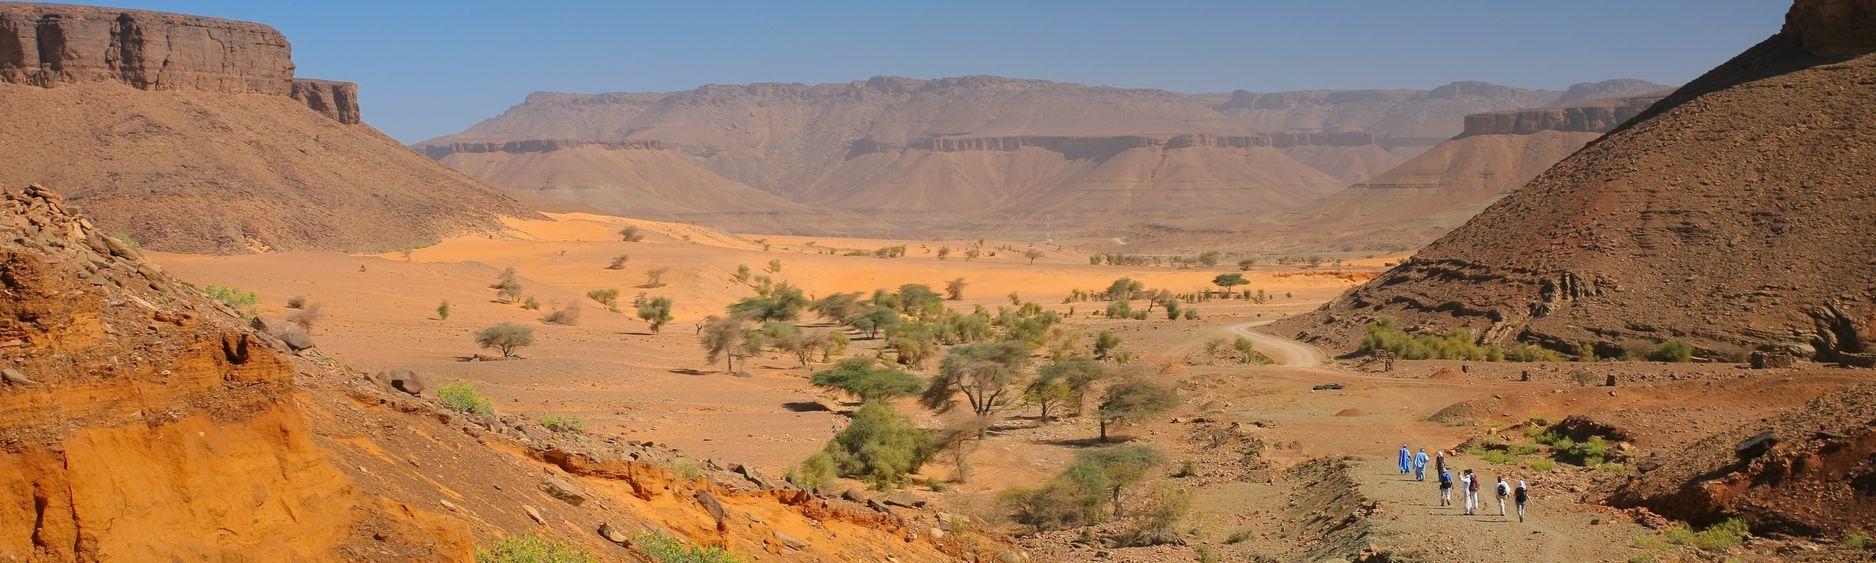 mauritanie guide de voyage mauritanie routard com rh routard com mauritanie gpl mauritanie pharma